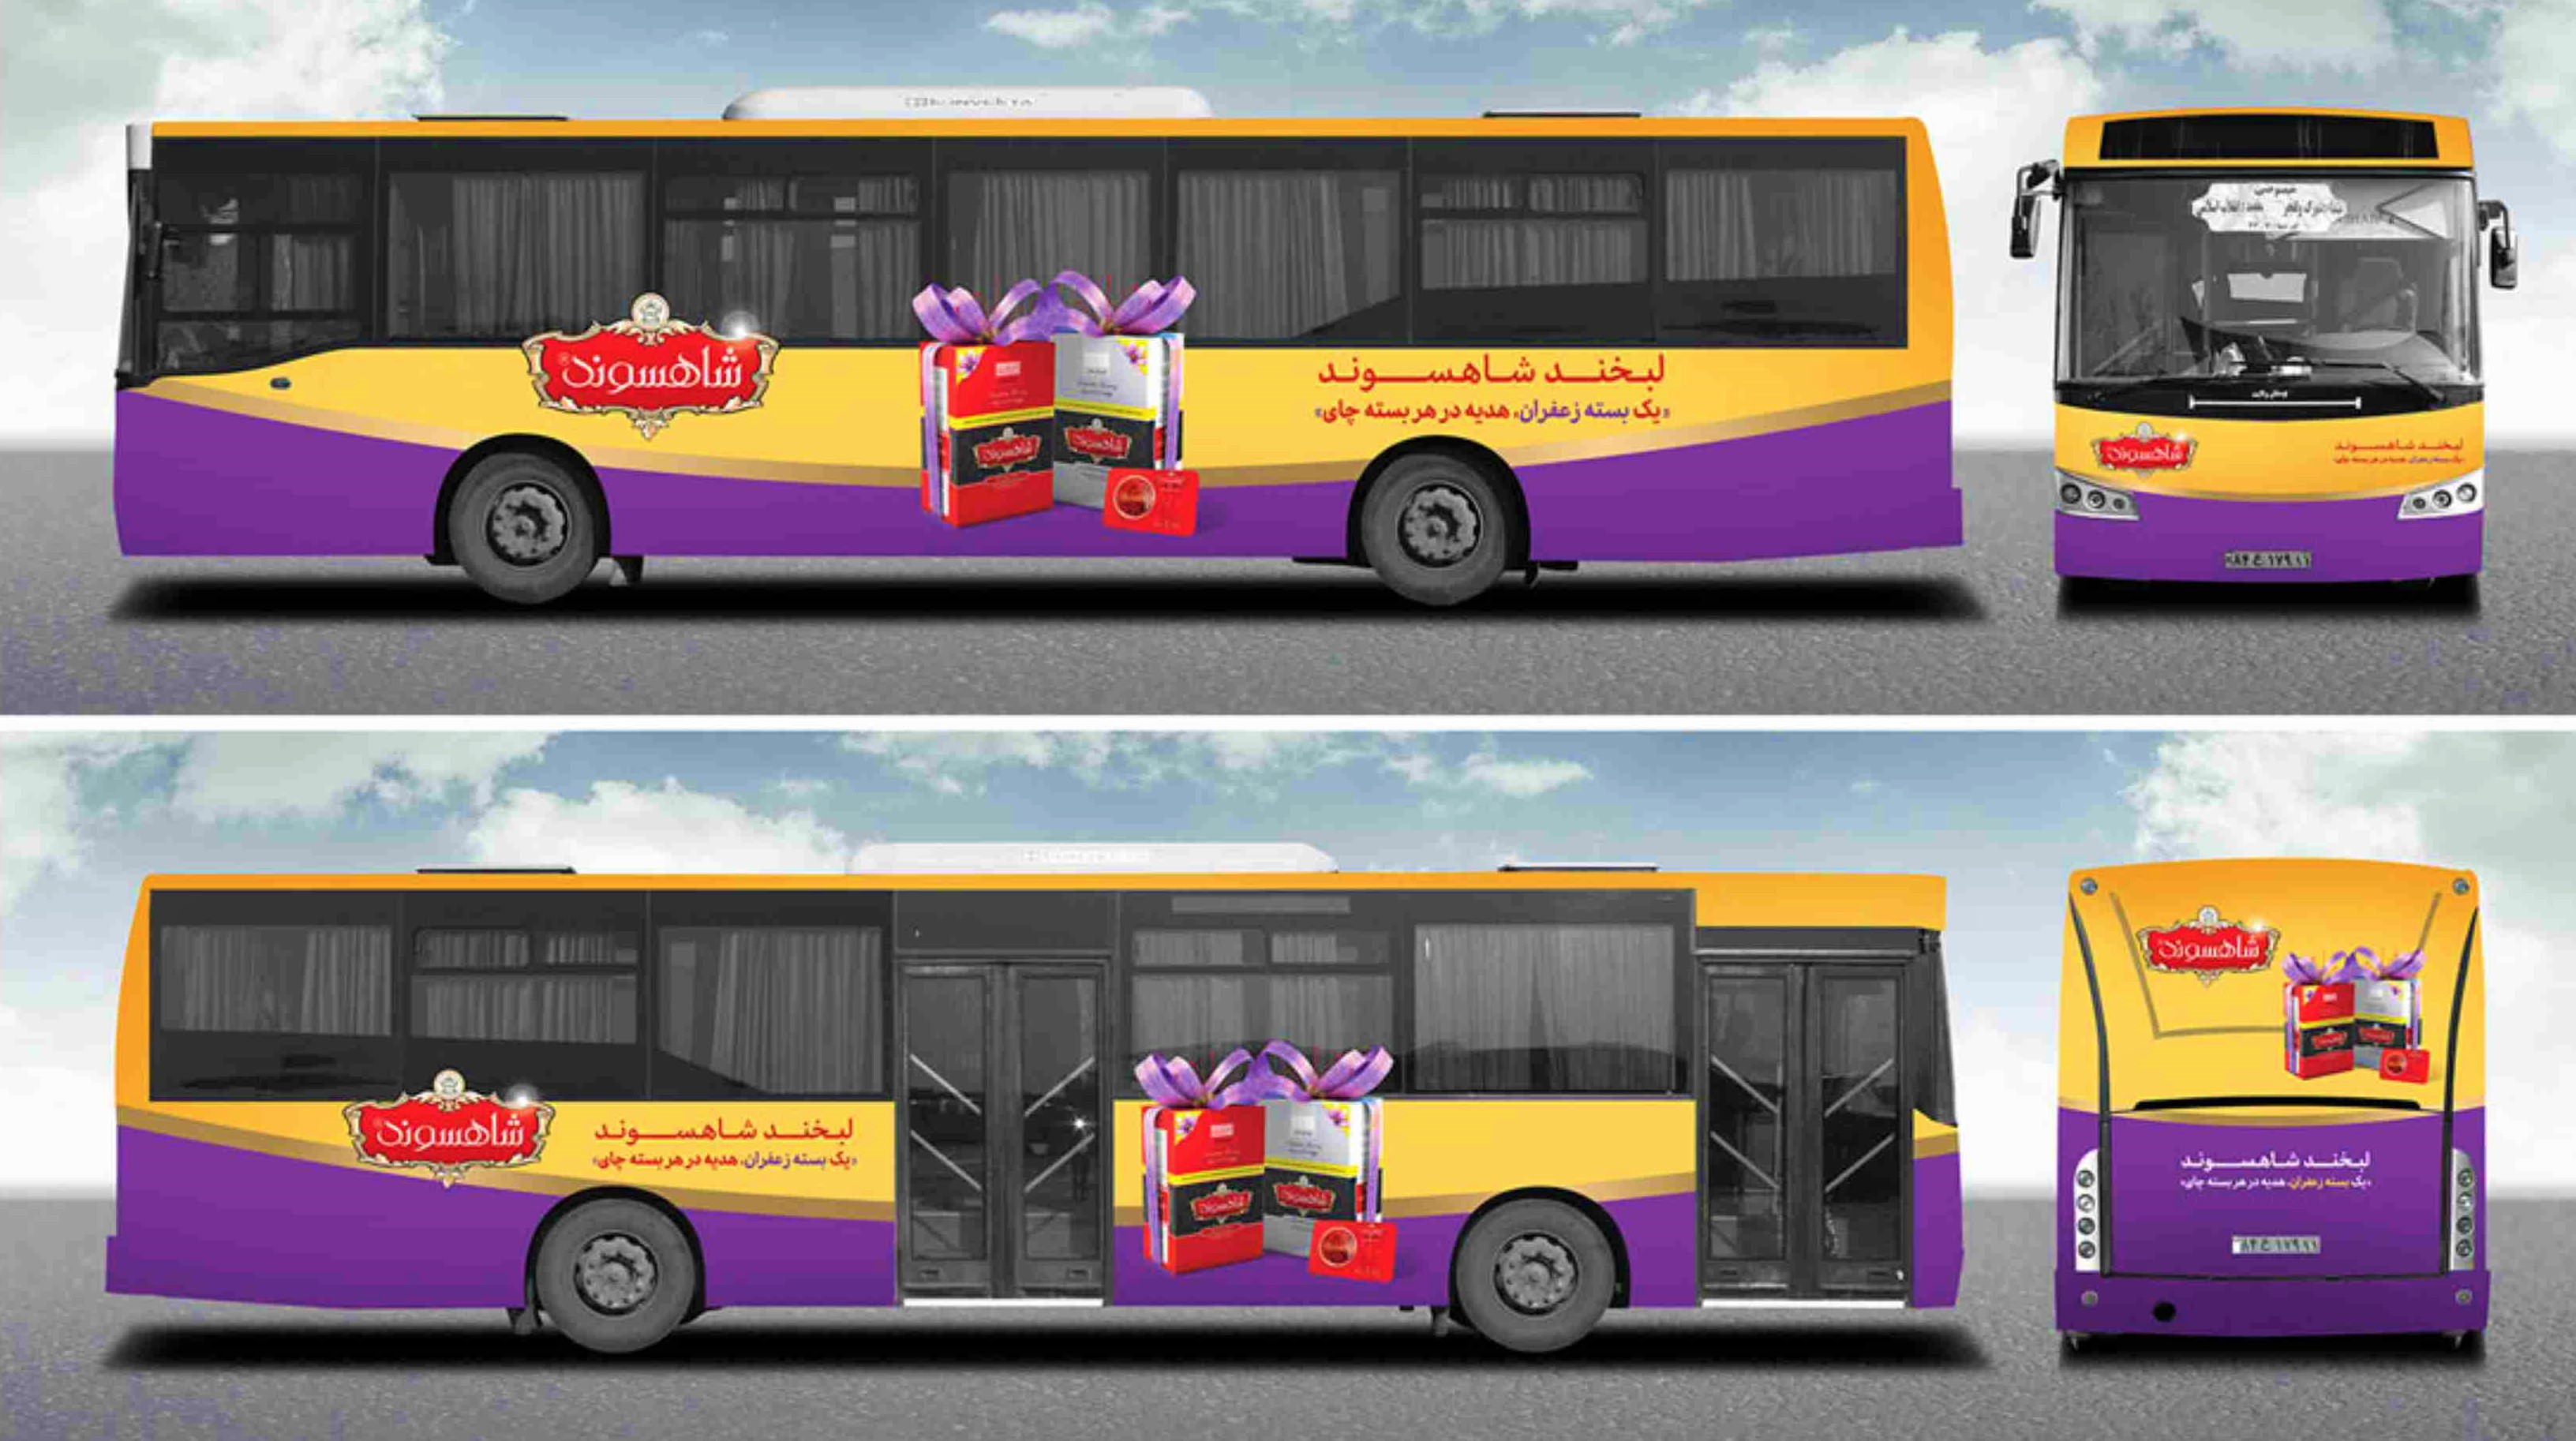 تبلیغات بدنه اتوبوس